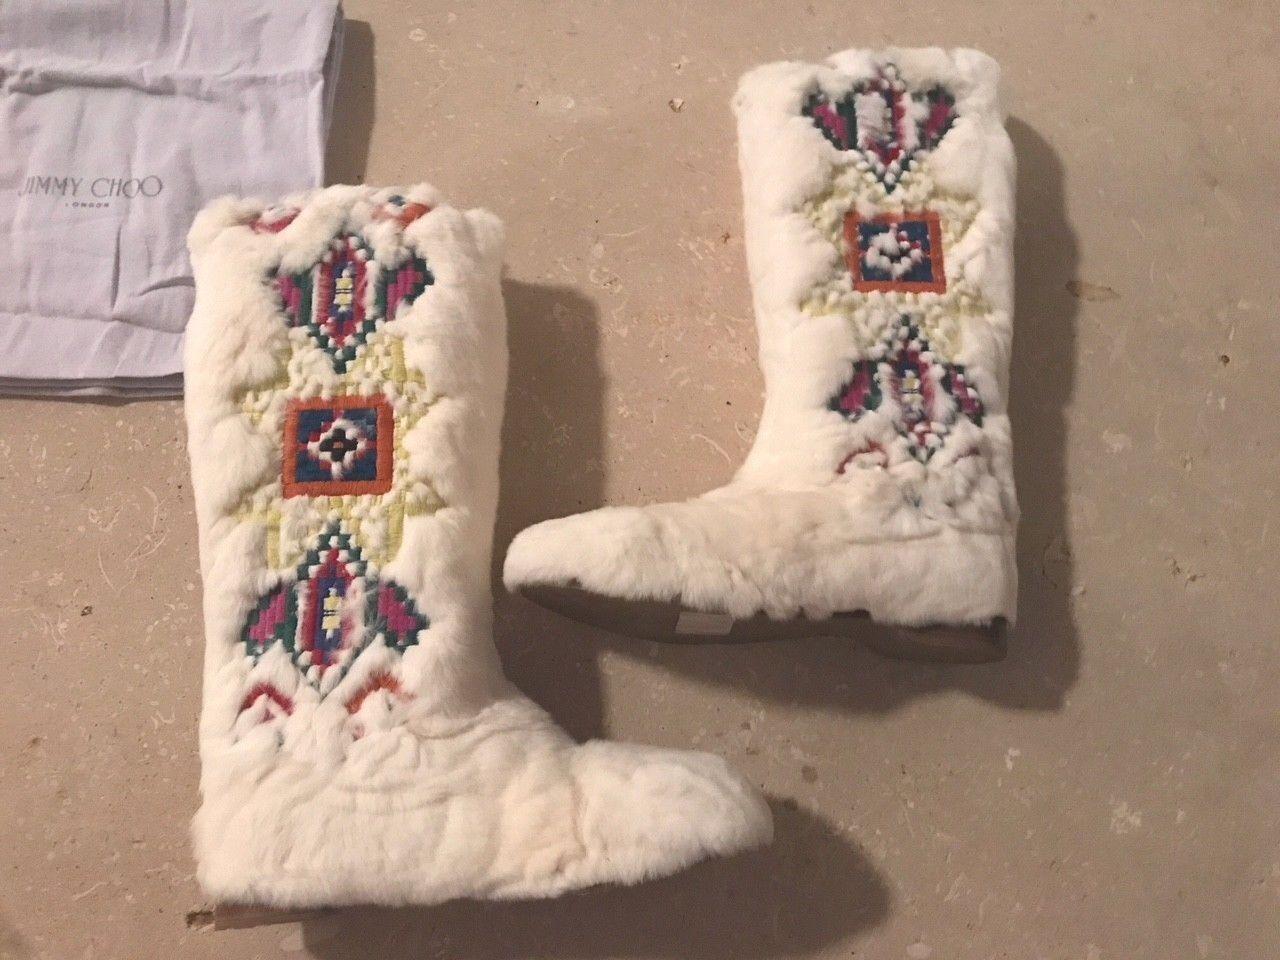 JIMMY CHOO damen LEONE Weiß REX RABBIT FUR Embroiderot Flat Stiefel 41.5 NEW